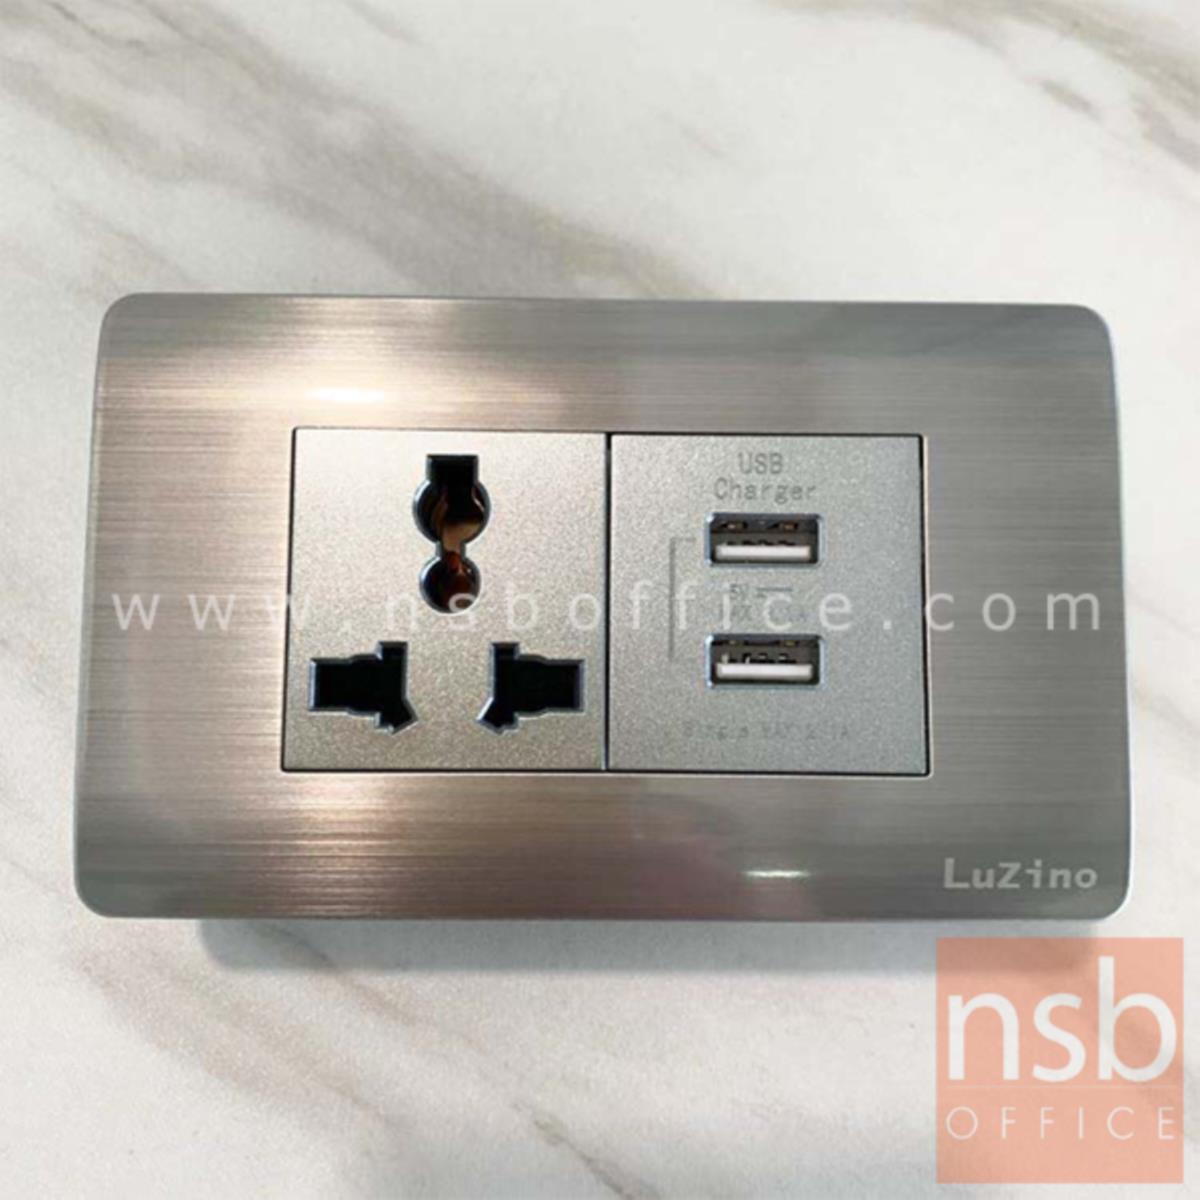 ปลั๊กไฟพร้อมช่อง USB รุ่น TVSD-02 ขนาด 12W*7D cm.